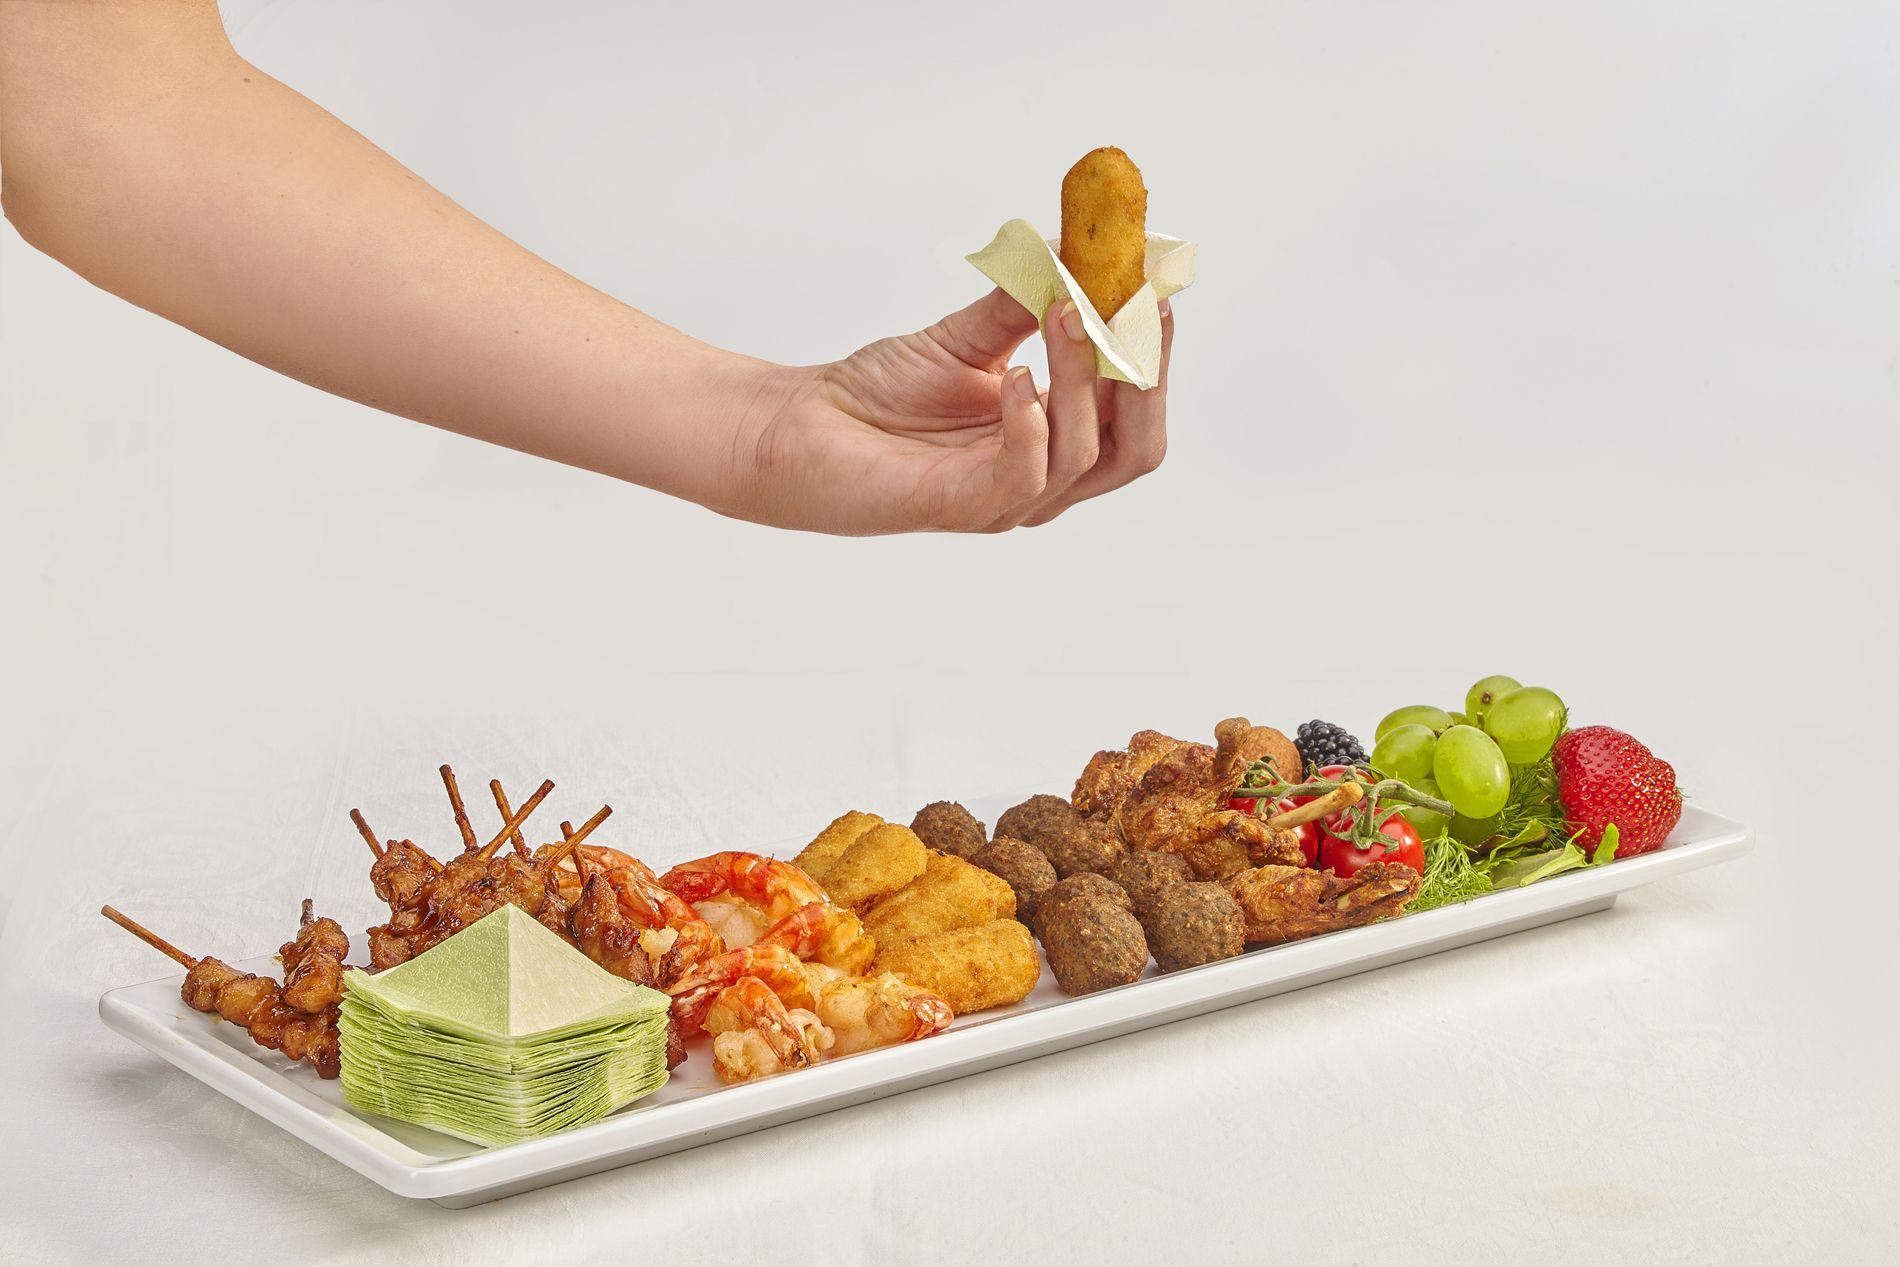 Pak gemakkelijk en zonder vette vingers iedere snack met Grippy's 3D Servetten